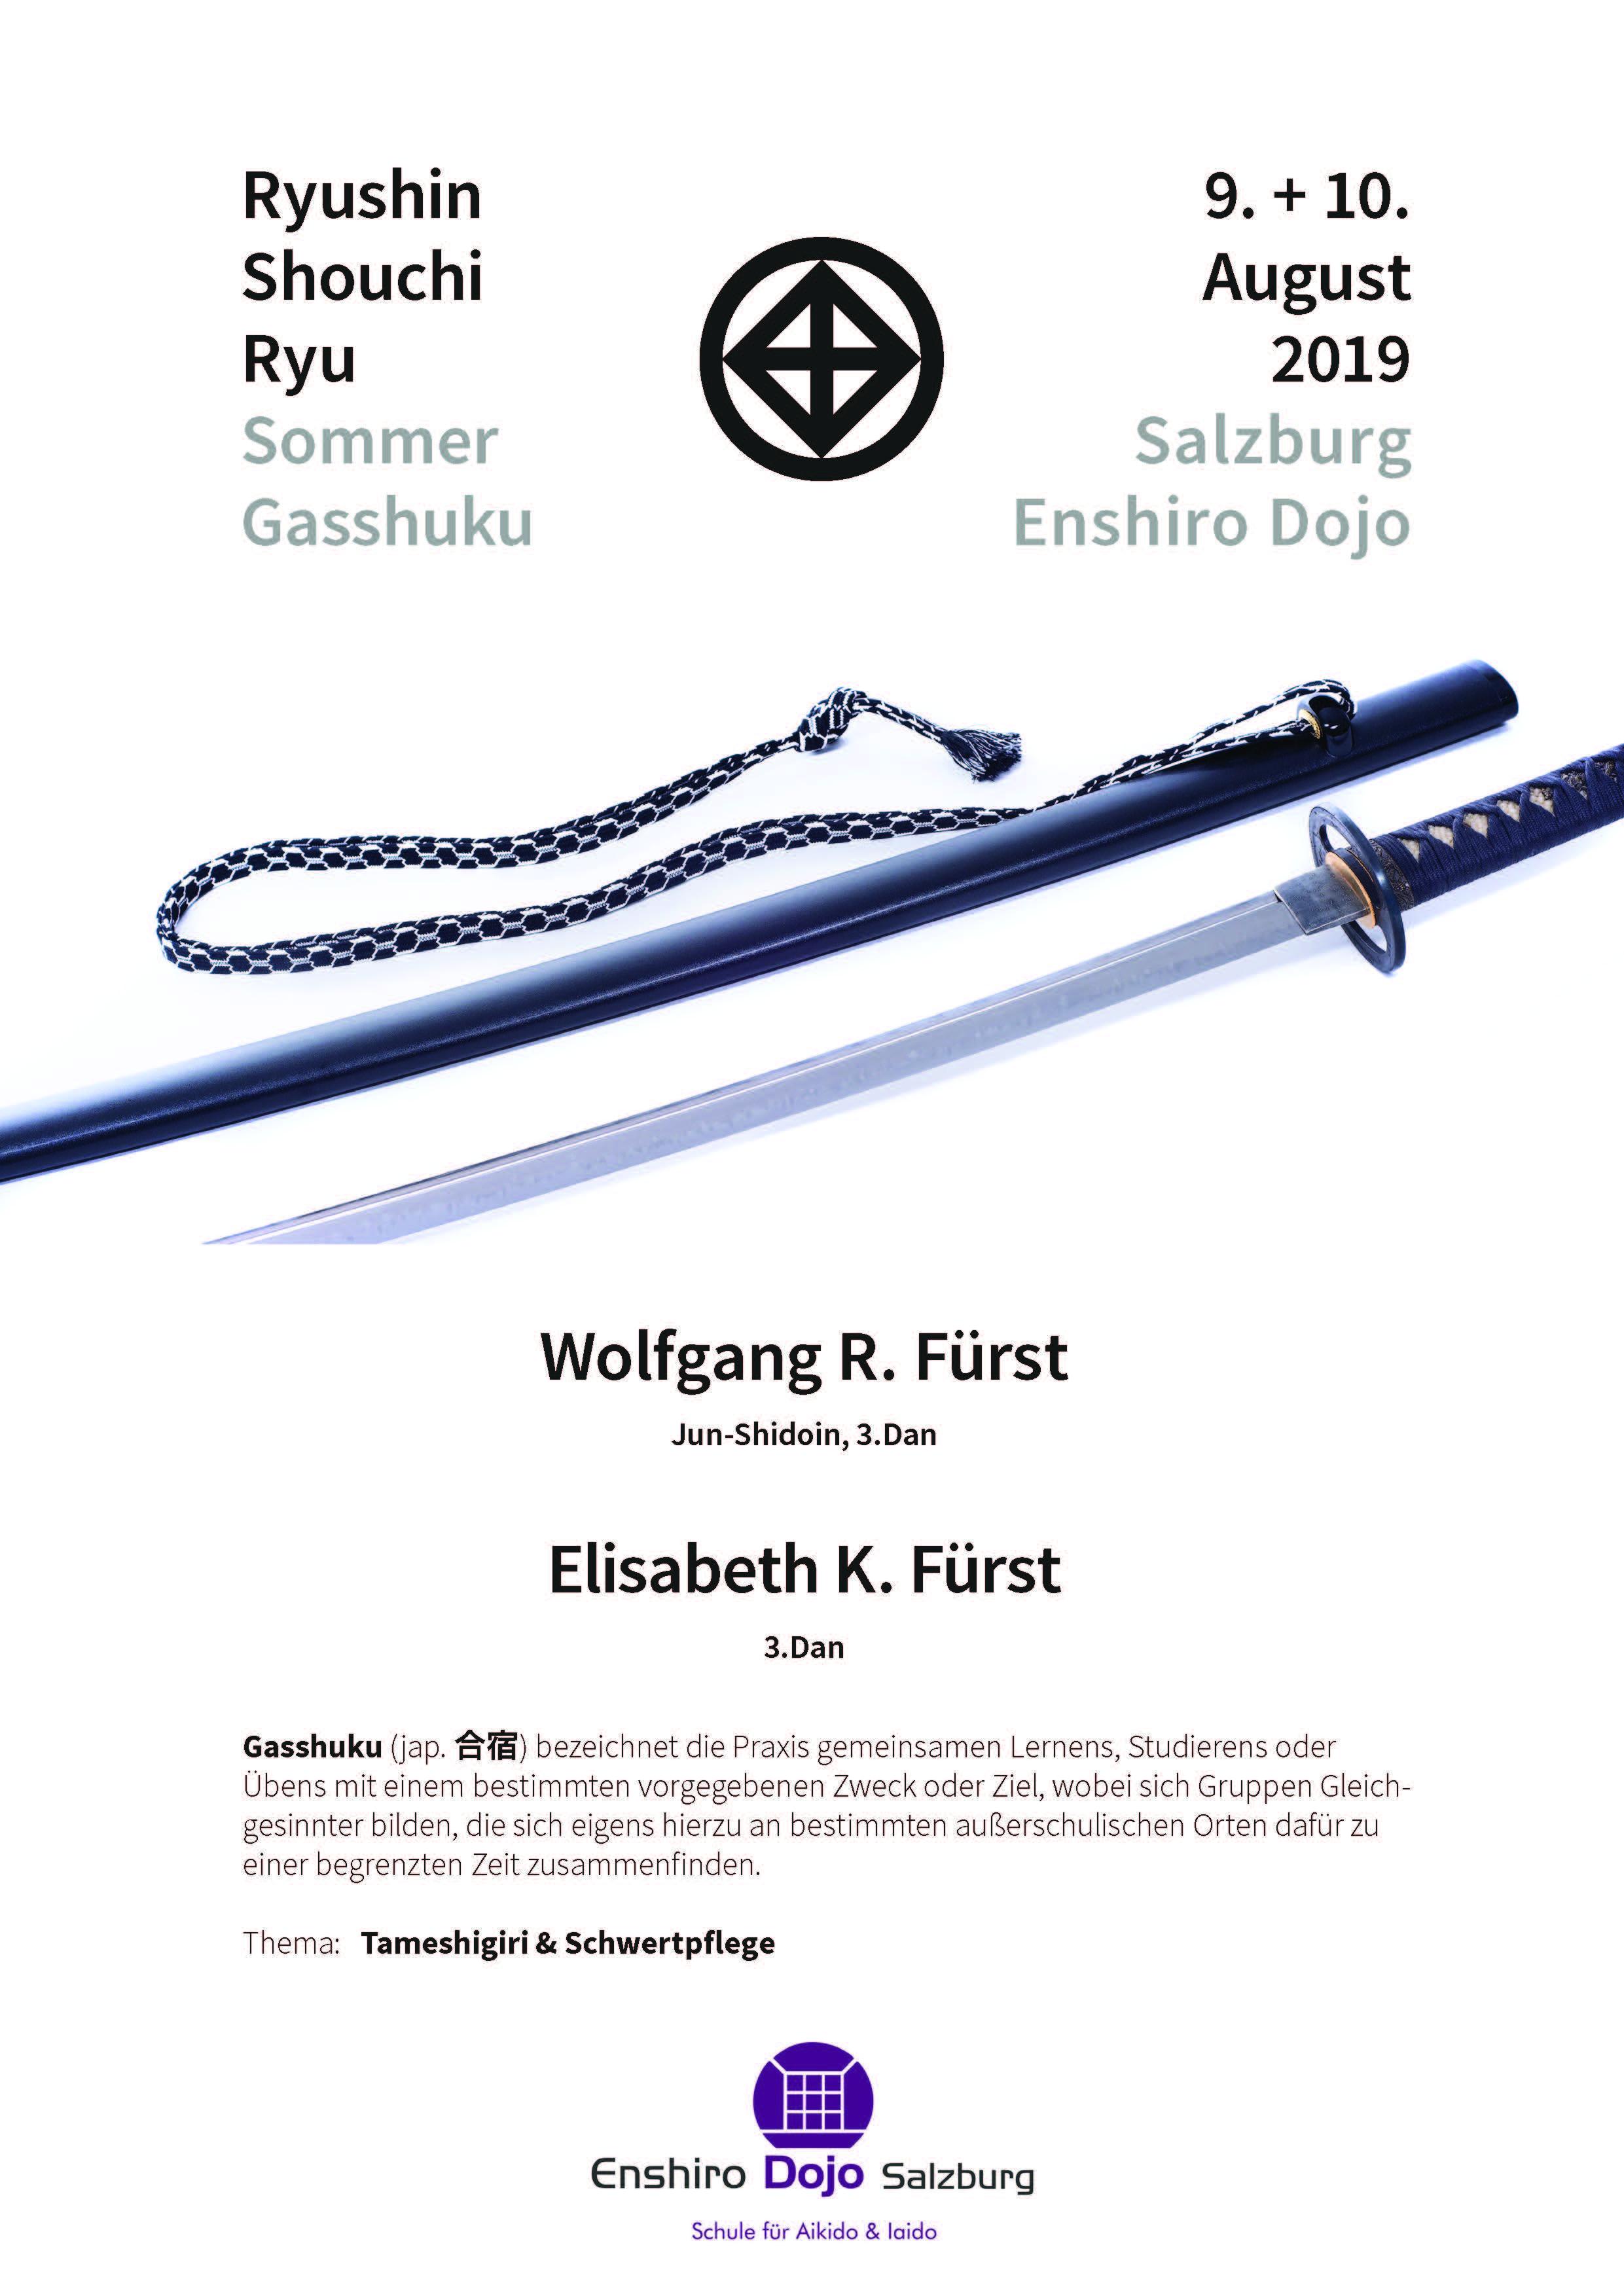 2019_RSR_SommerGasshukku_Salzburg_Seite_1.jpg